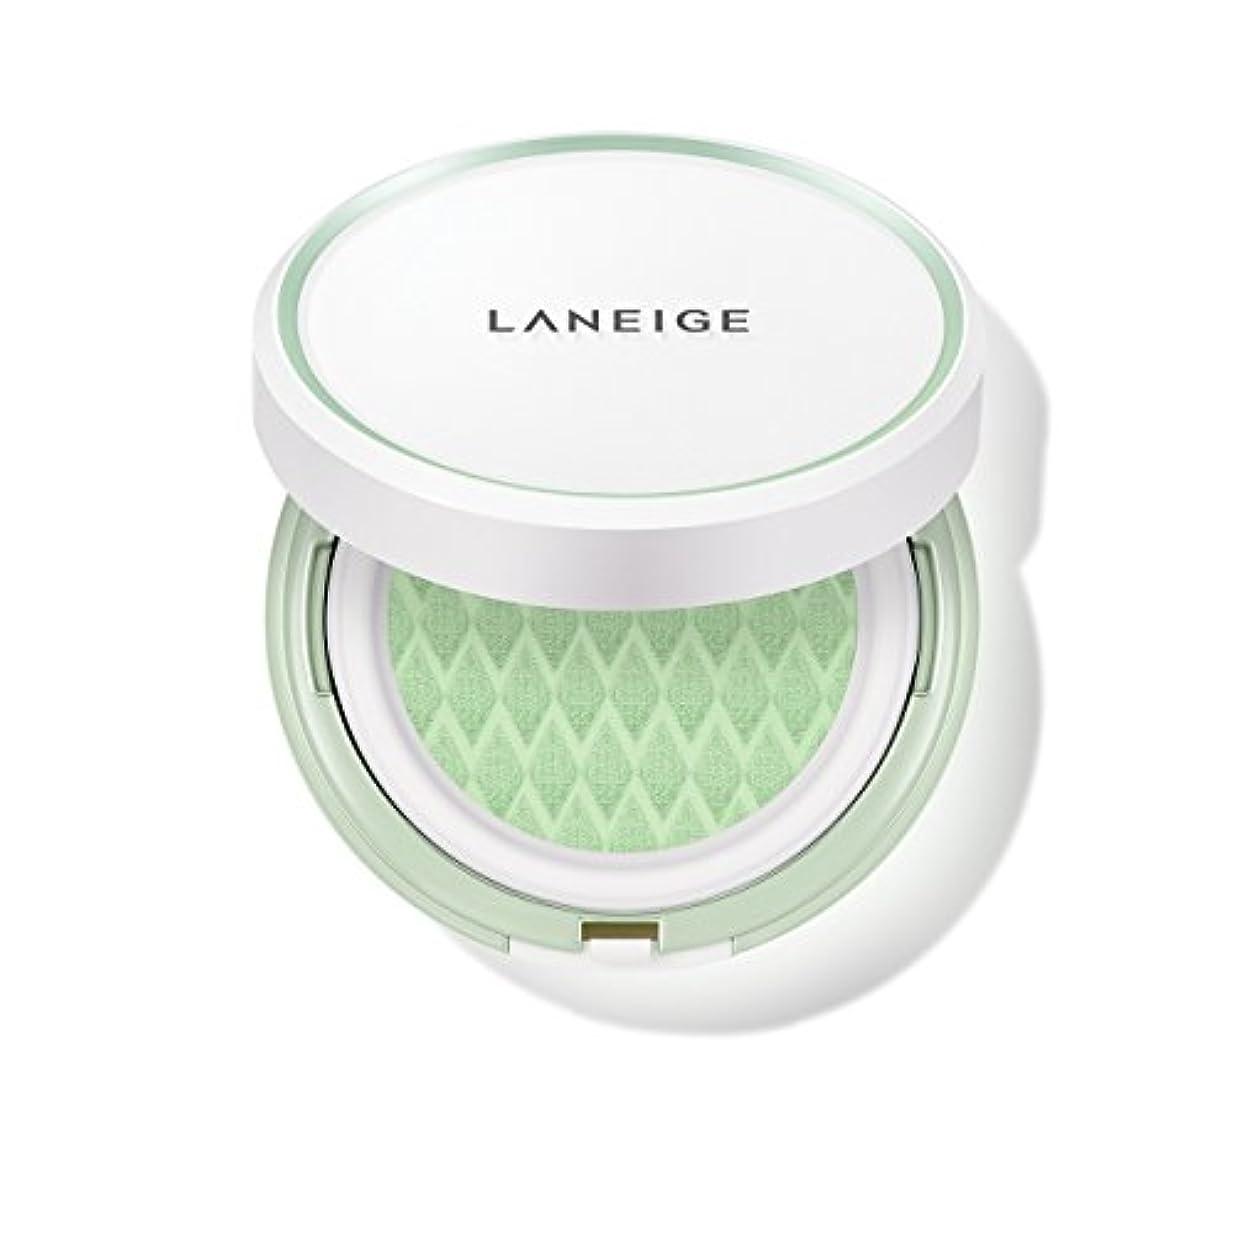 名誉ある被る治安判事ラネージュ[LANEIGE]*AMOREPACIFIC*[新商品]スキンベなベースクッションSPF 22PA++(#60 Light Green) 15g*2 / LANEIGE Skin Veil Base Cushion...